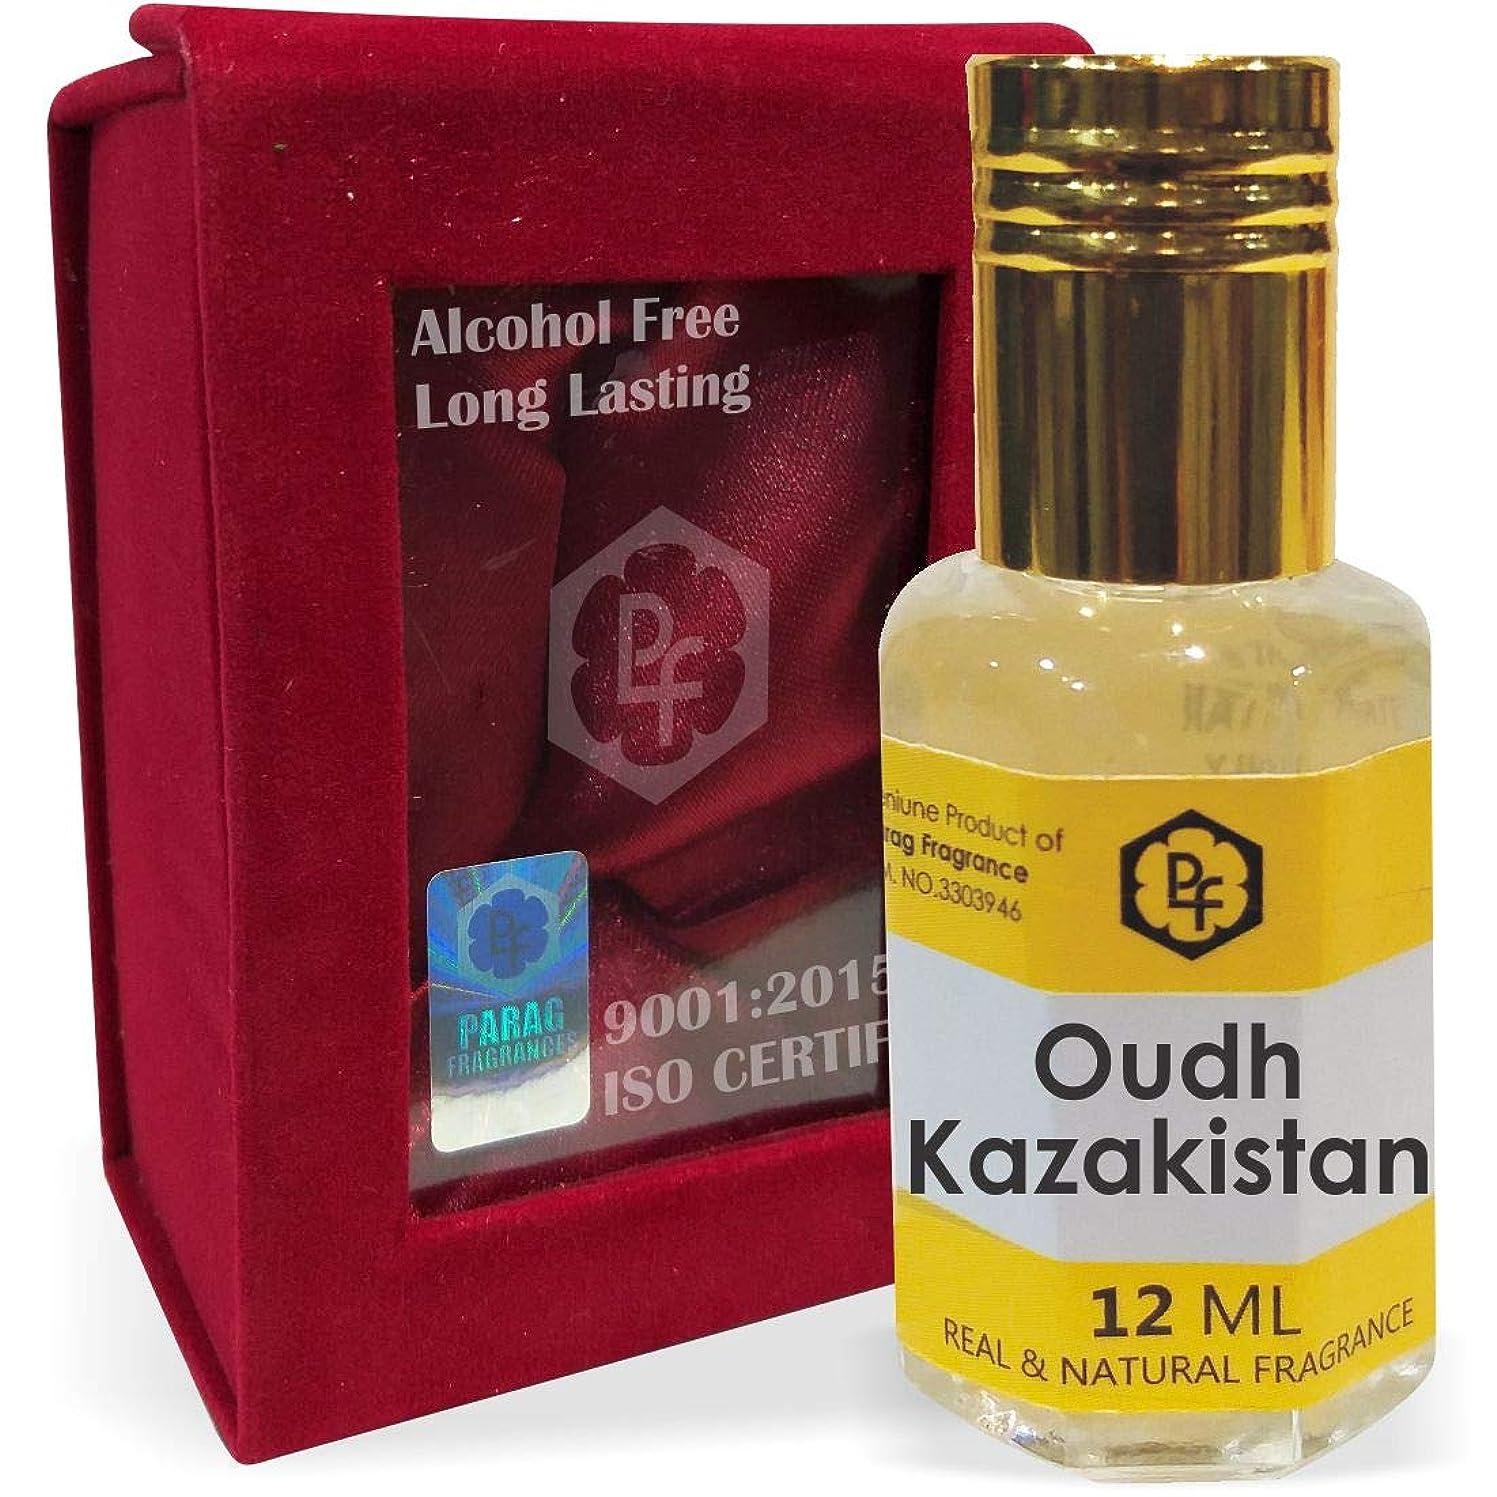 テレビを見る貧しい喜びParagフレグランスOudh Kazakistan手作りベルベットボックス12ミリリットルアター/香水(インドの伝統的なBhapka処理方法により、インド製)オイル/フレグランスオイル|長持ちアターITRA最高の品質